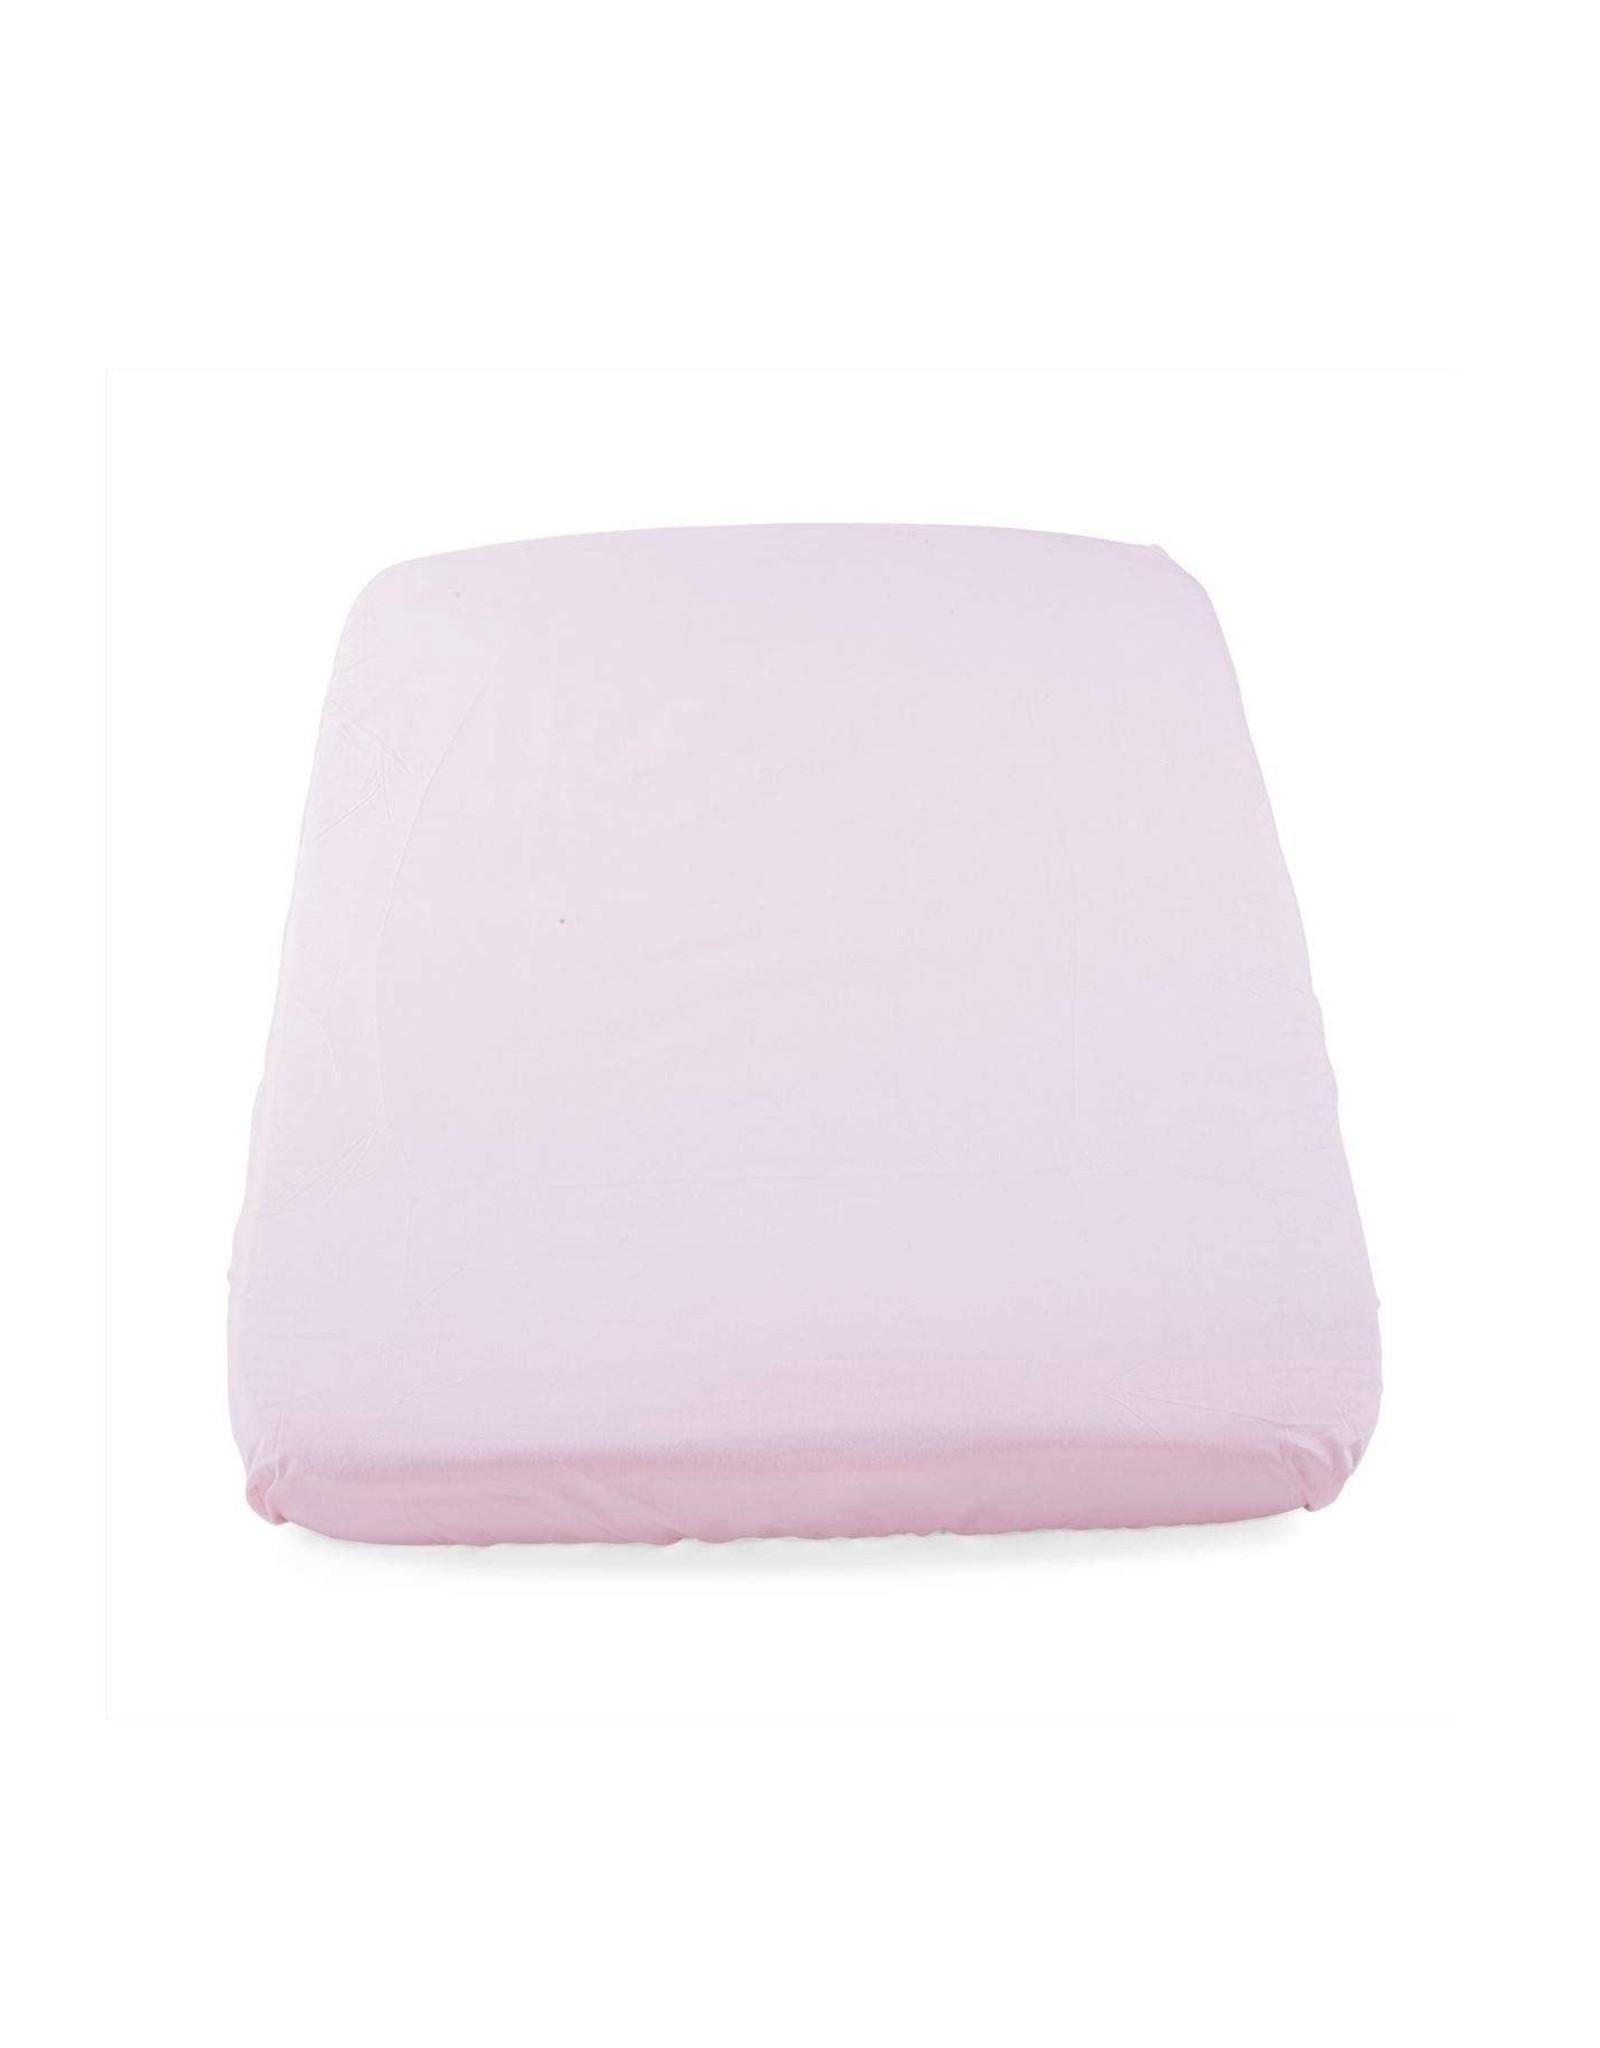 Chicco Chicco - Next2Me - Hoeslakentje voor babymatras - 2 stuks - Roze